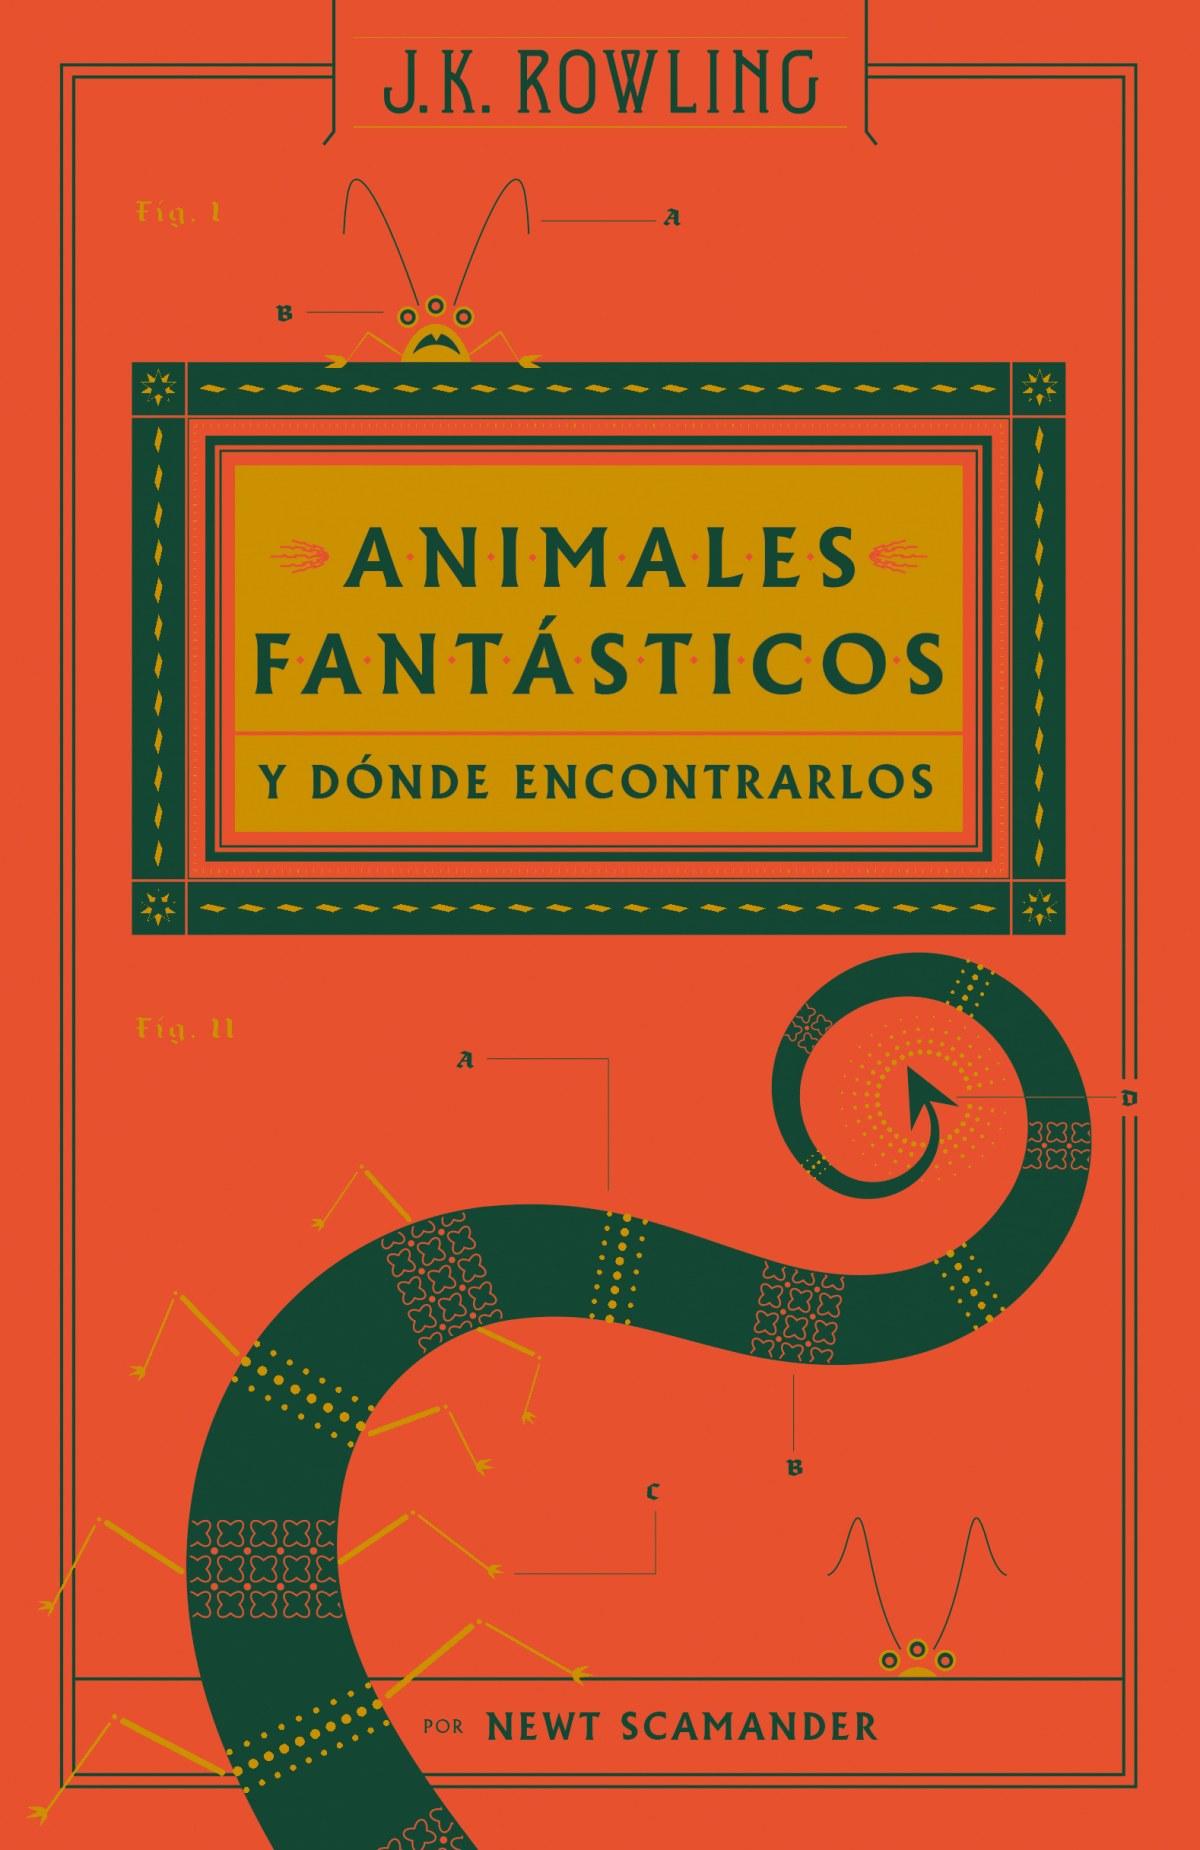 ANIMALES FANTÁSTICOS Y DÓNDE ENCONTRALOS 9788498387940